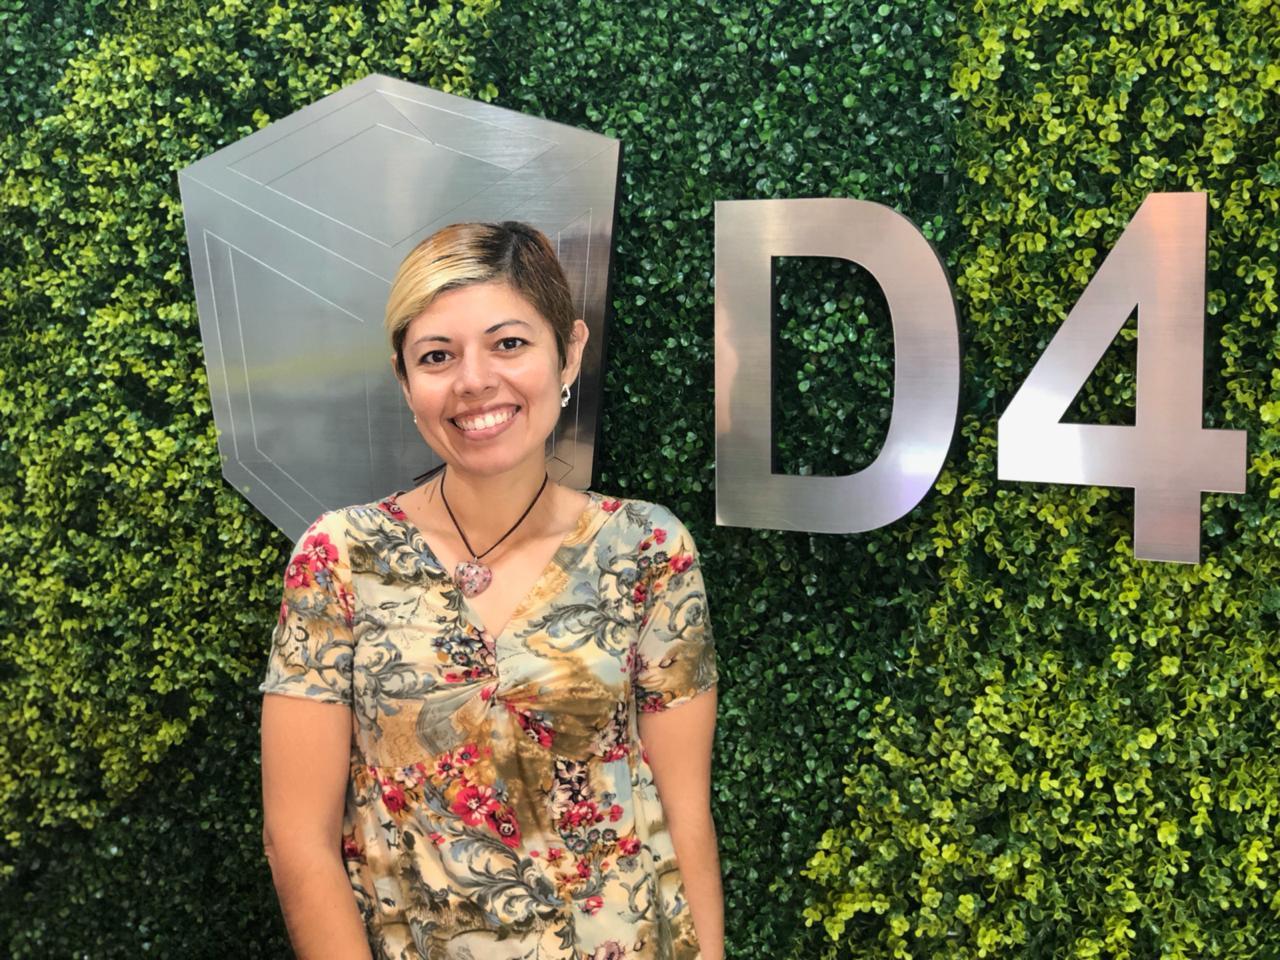 Docente en el área de diseño gráfico ING. Erica Yazmin cortes Cavazos    Especialista en:  diseño gráfico, publicidad, diseño de muebles, electrónica.